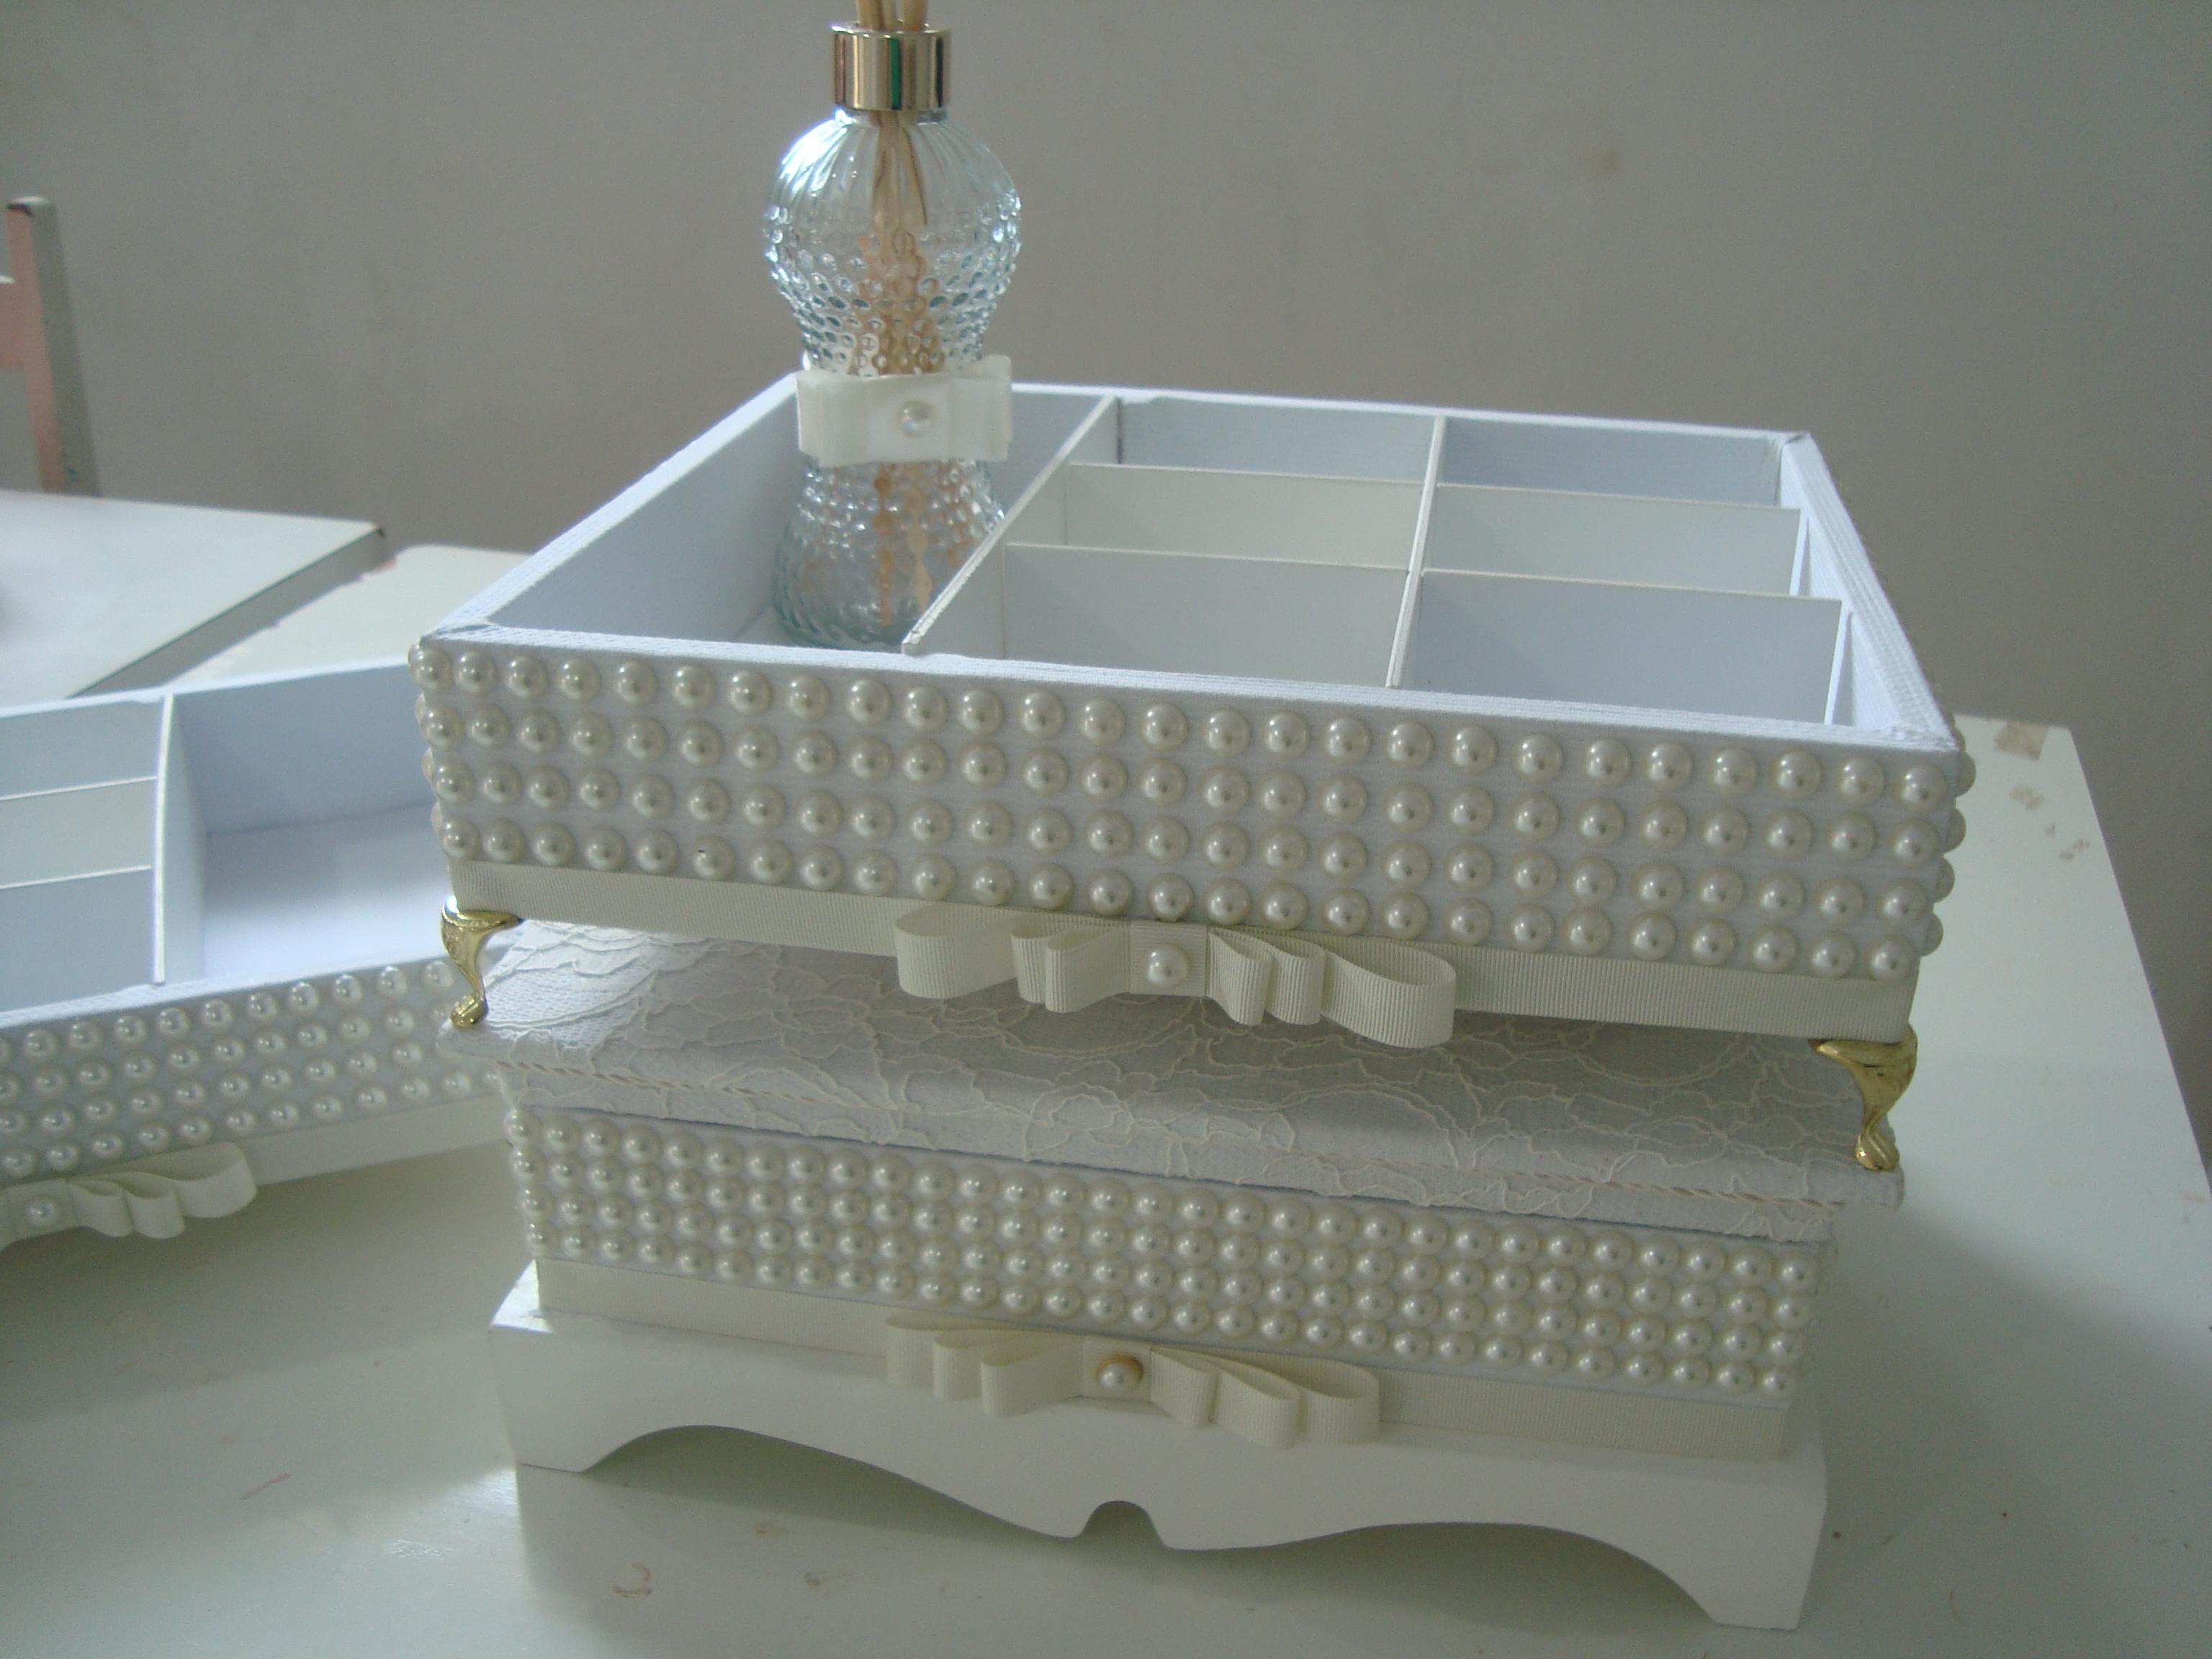 perolas caixa de perolas caixa toilet perolas bandeija perolas caixa  #4F6C7C 3072x2304